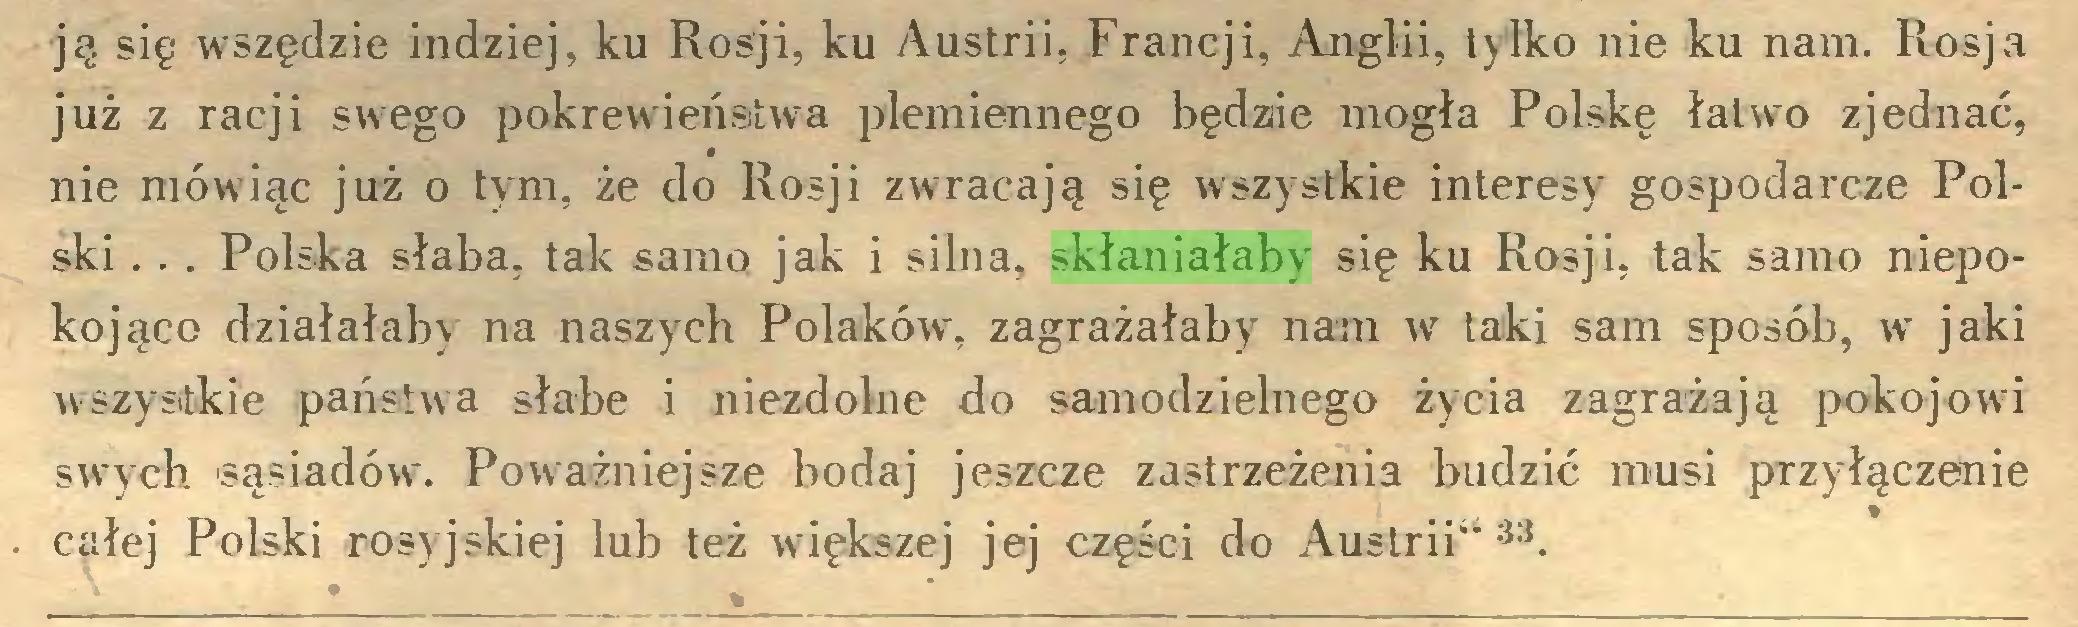 """(...) ją się wszędzie indziej, ku Rosji, ku Austrii, Francji, Anglii, tylko nie ku nam. Rosja już z racji sw;ego pokrewieństwa plemiennego będzie mogła Polskę łatwo zjednać, nie mówiąc już o tym, że do Rosji zwracają się wszystkie interesy gospodarcze Polski ... Polska słaba, tak samo jak i silna, skłaniałaby się ku Rosji, tak samo niepokojąco działałaby na naszych Polaków, zagrażałaby nam w taki sam sposób, w jaki wszystkie państwa słabe i niezdolne do samodzielnego życia zagrażają pokojowi swych -sąsiadów. Poważniejsze bodaj jeszcze zastrzeżenia budzić musi przyłączenie całej Polski rosyjskiej lub też większej jej części do Austrii""""33..."""